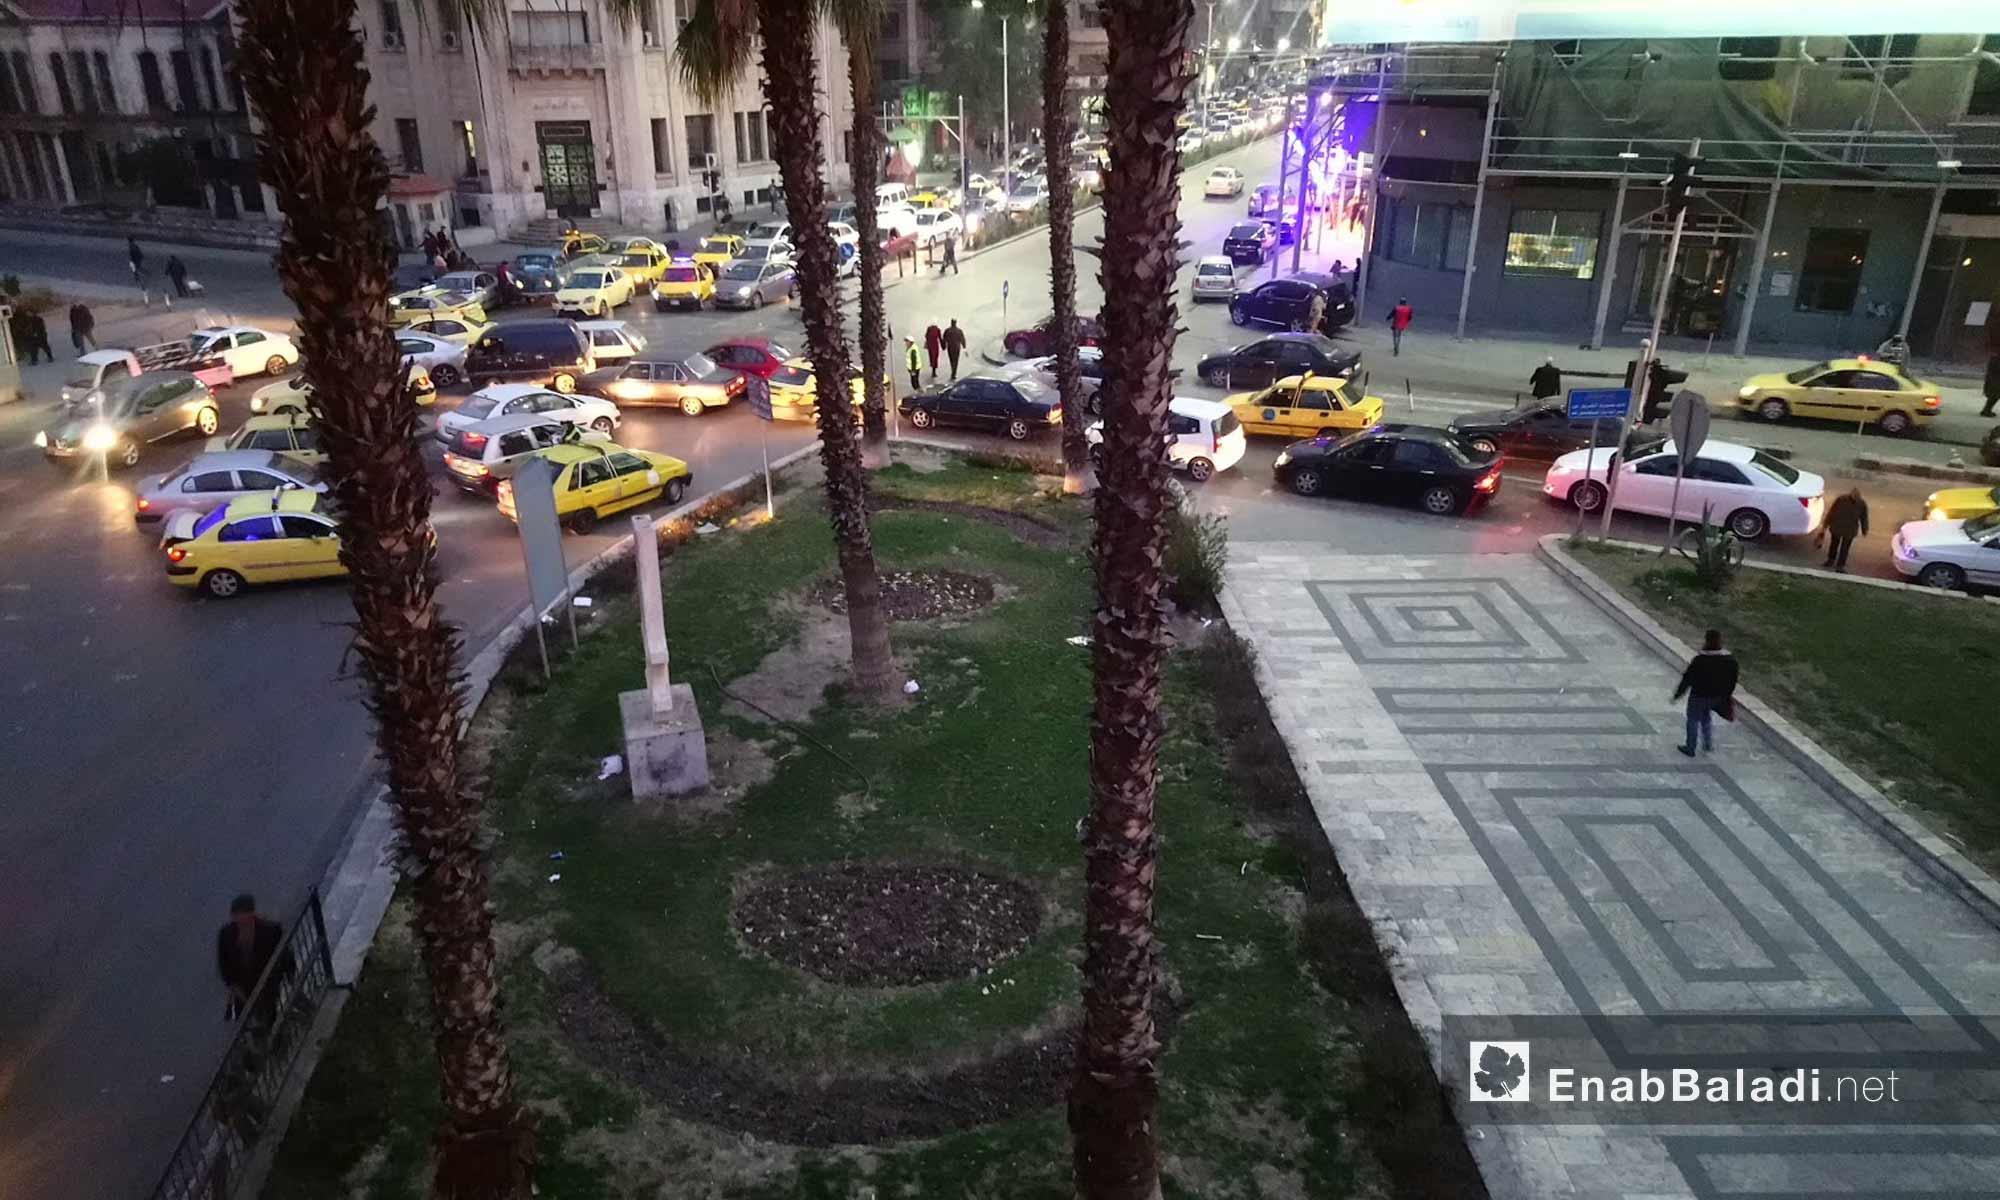 الطريق المؤدي إلى ساحة الحجاز في العاصمة دمشق - 4 شباط 2018 (عنب بلدي)